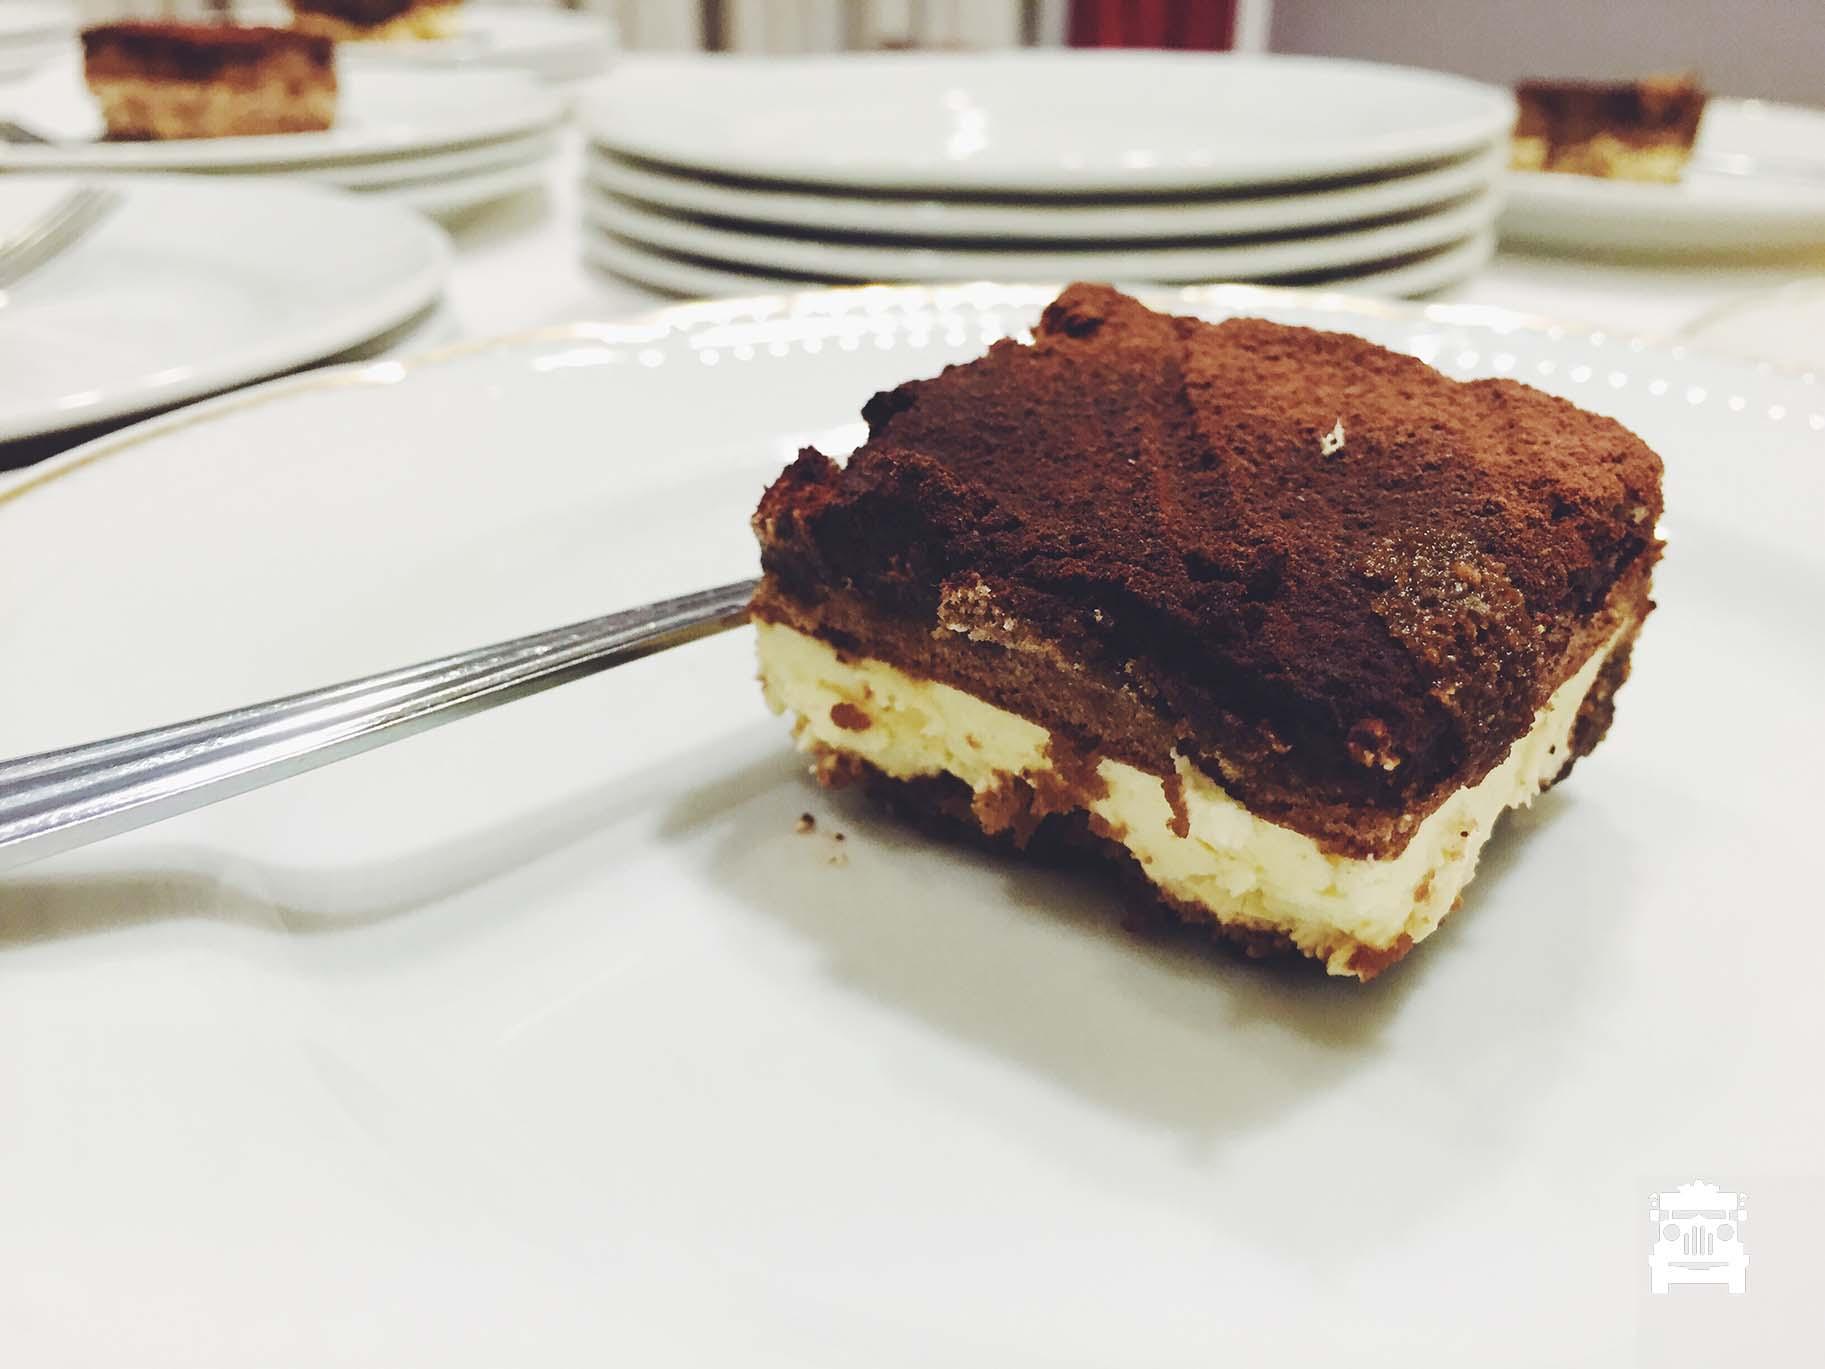 Tiramisu was delicious